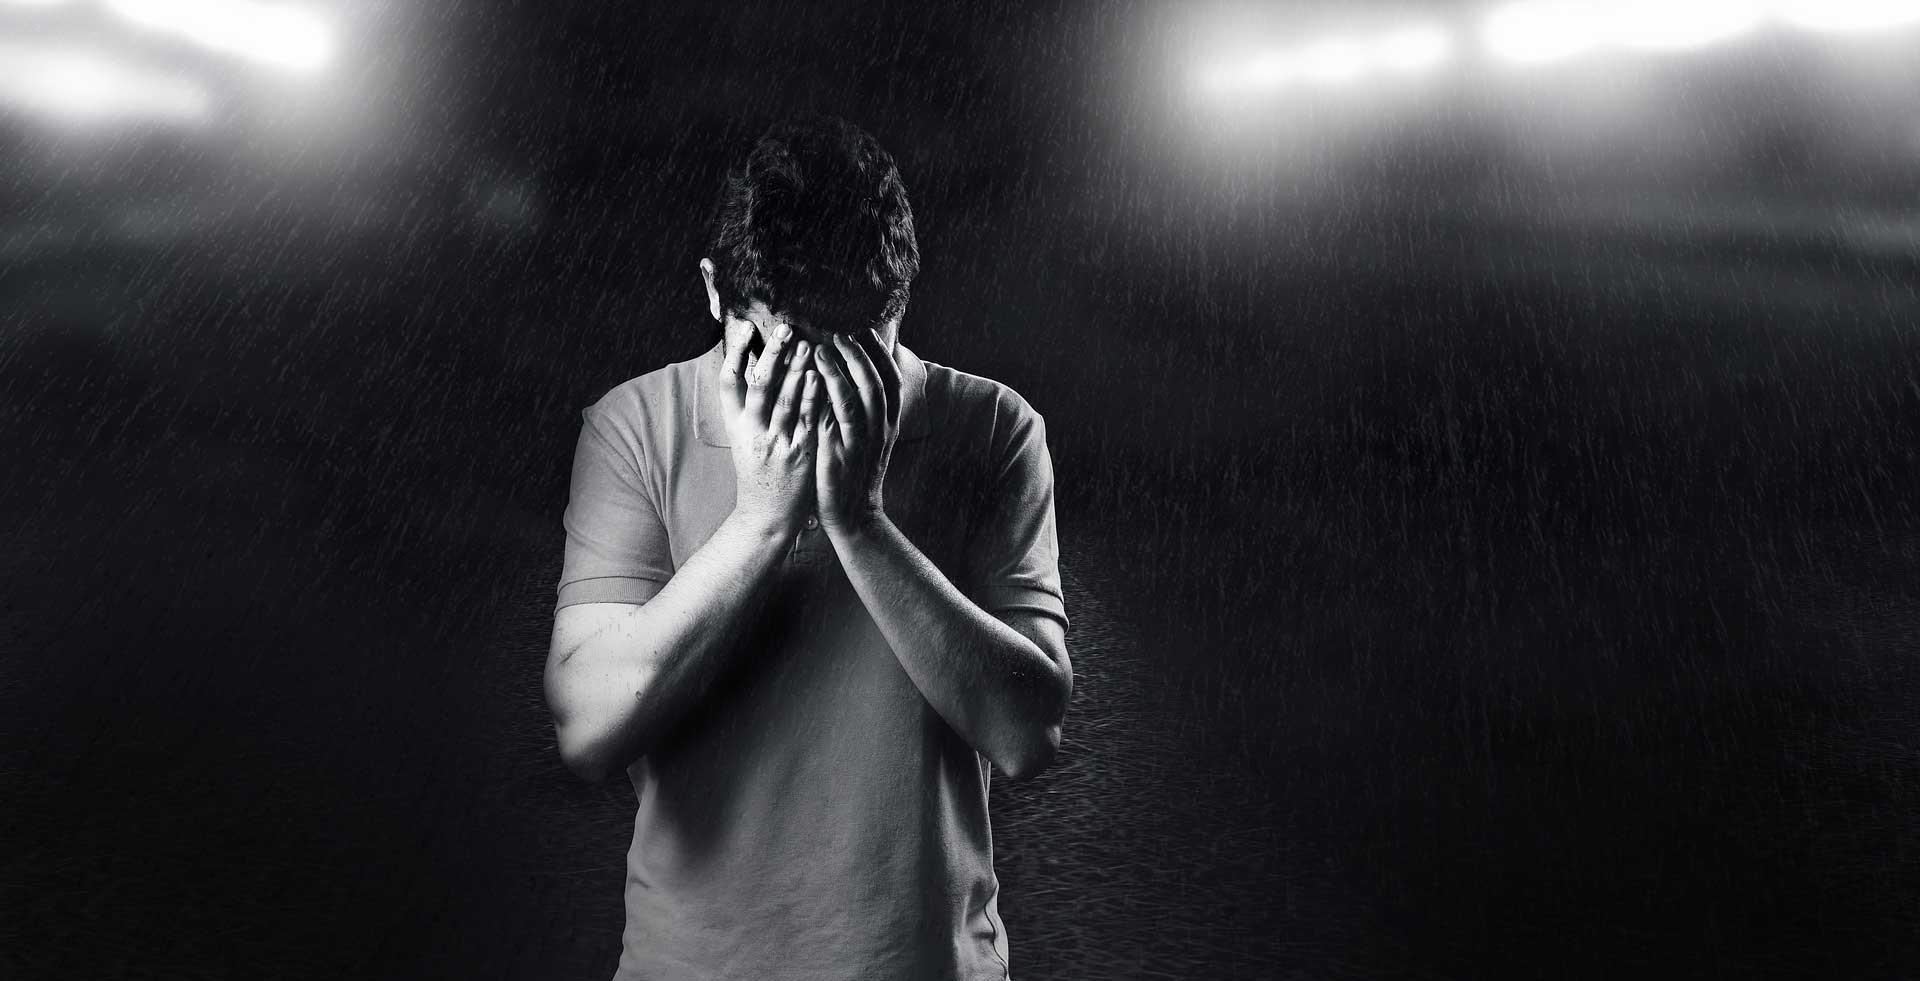 depresión como superarla, tratamiento de depresión y síntomas de depresión. Superar la depresión